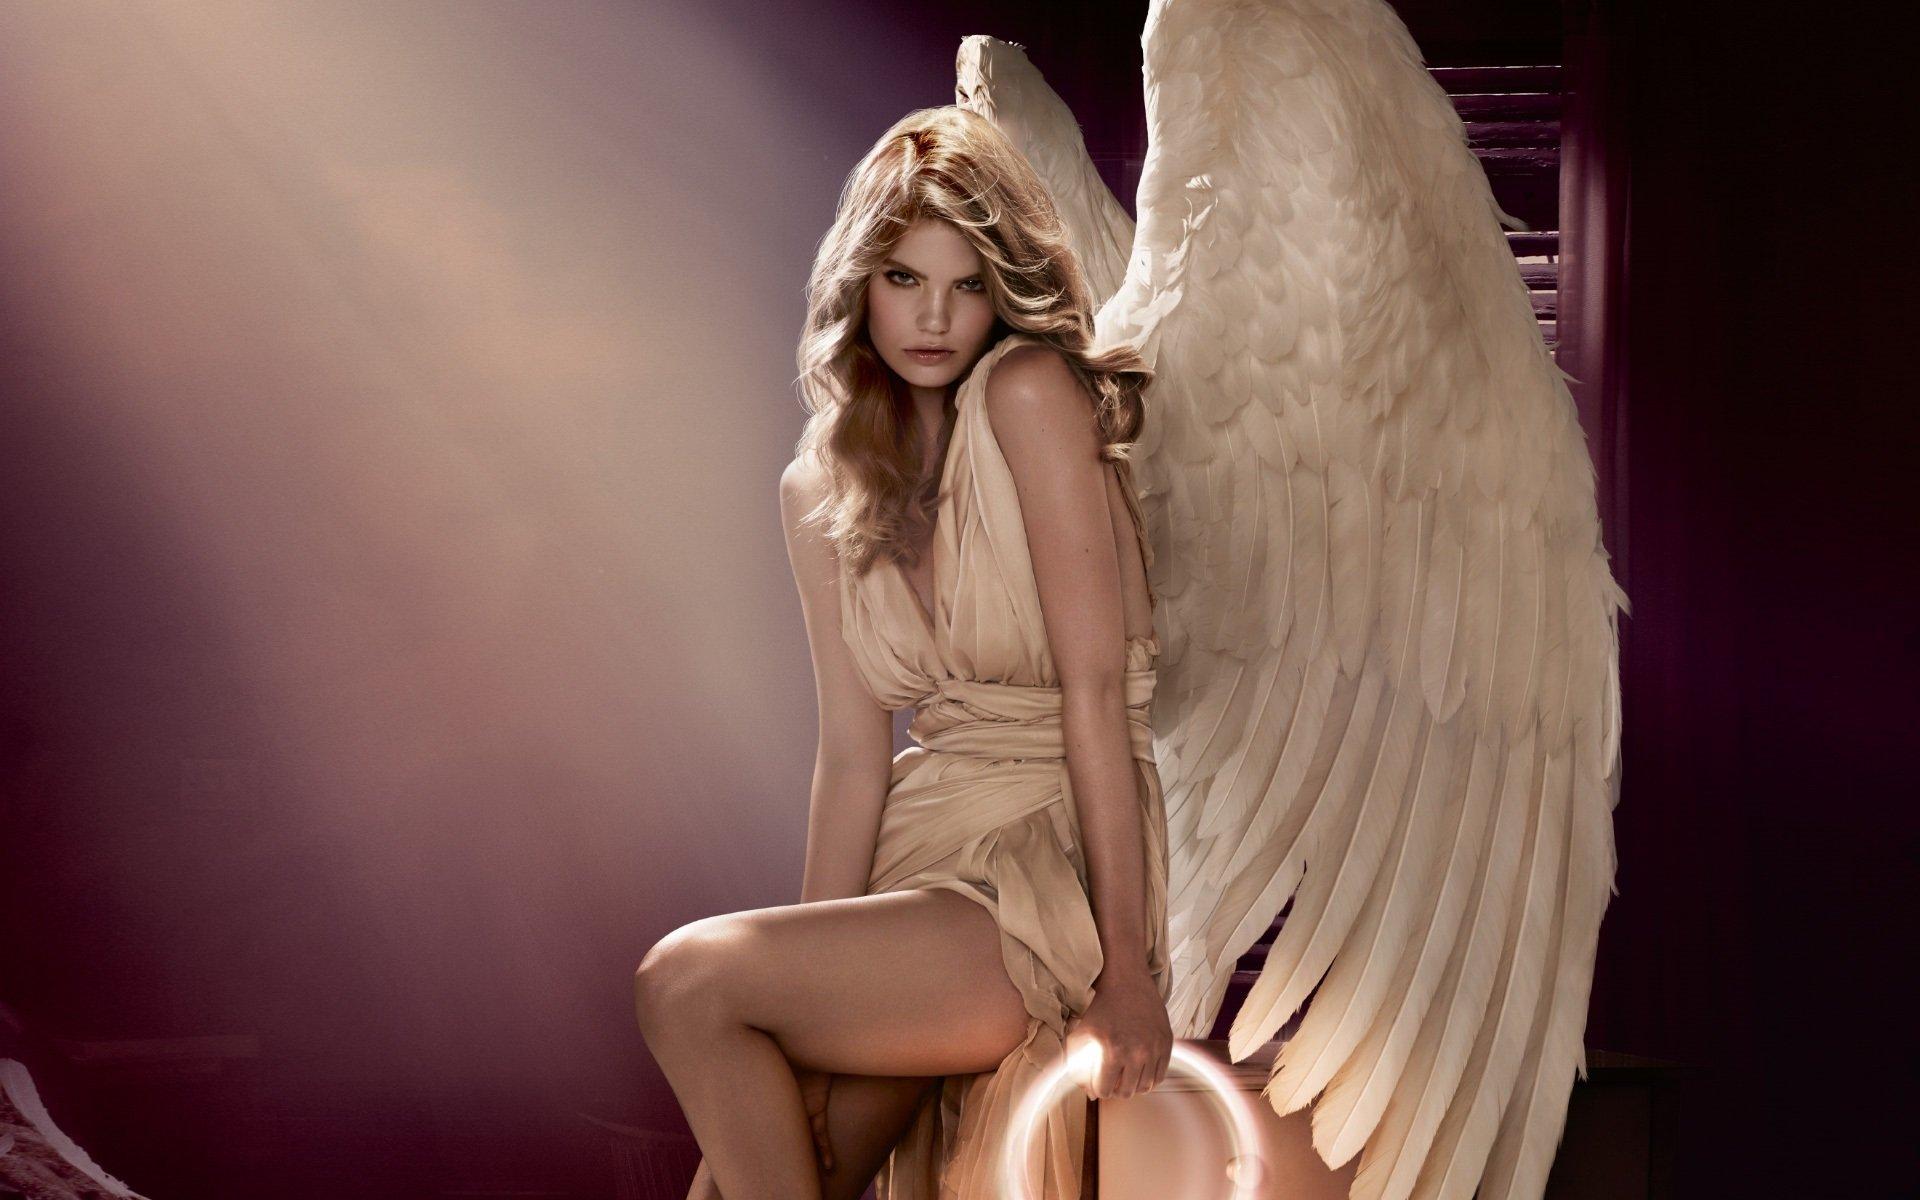 свое девушка в образе ангела фото картинки почему стакан